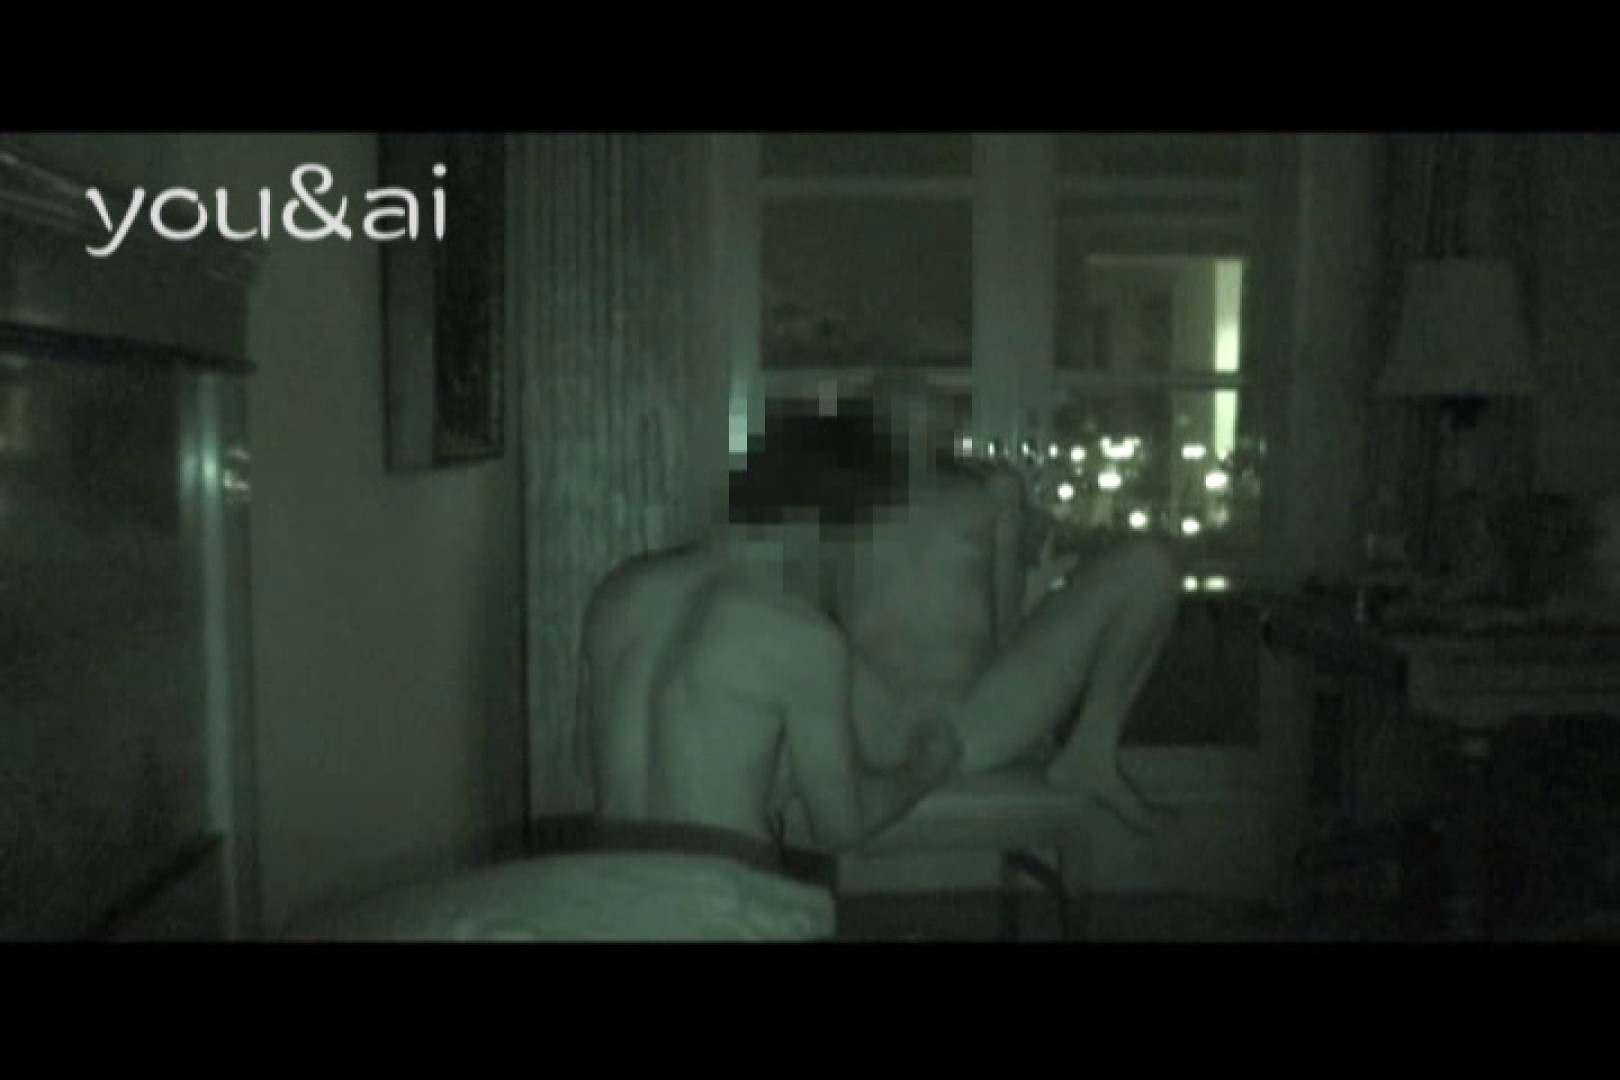 おしどり夫婦のyou&aiさん投稿作品vol.10 投稿映像 | ホテル  79pic 37